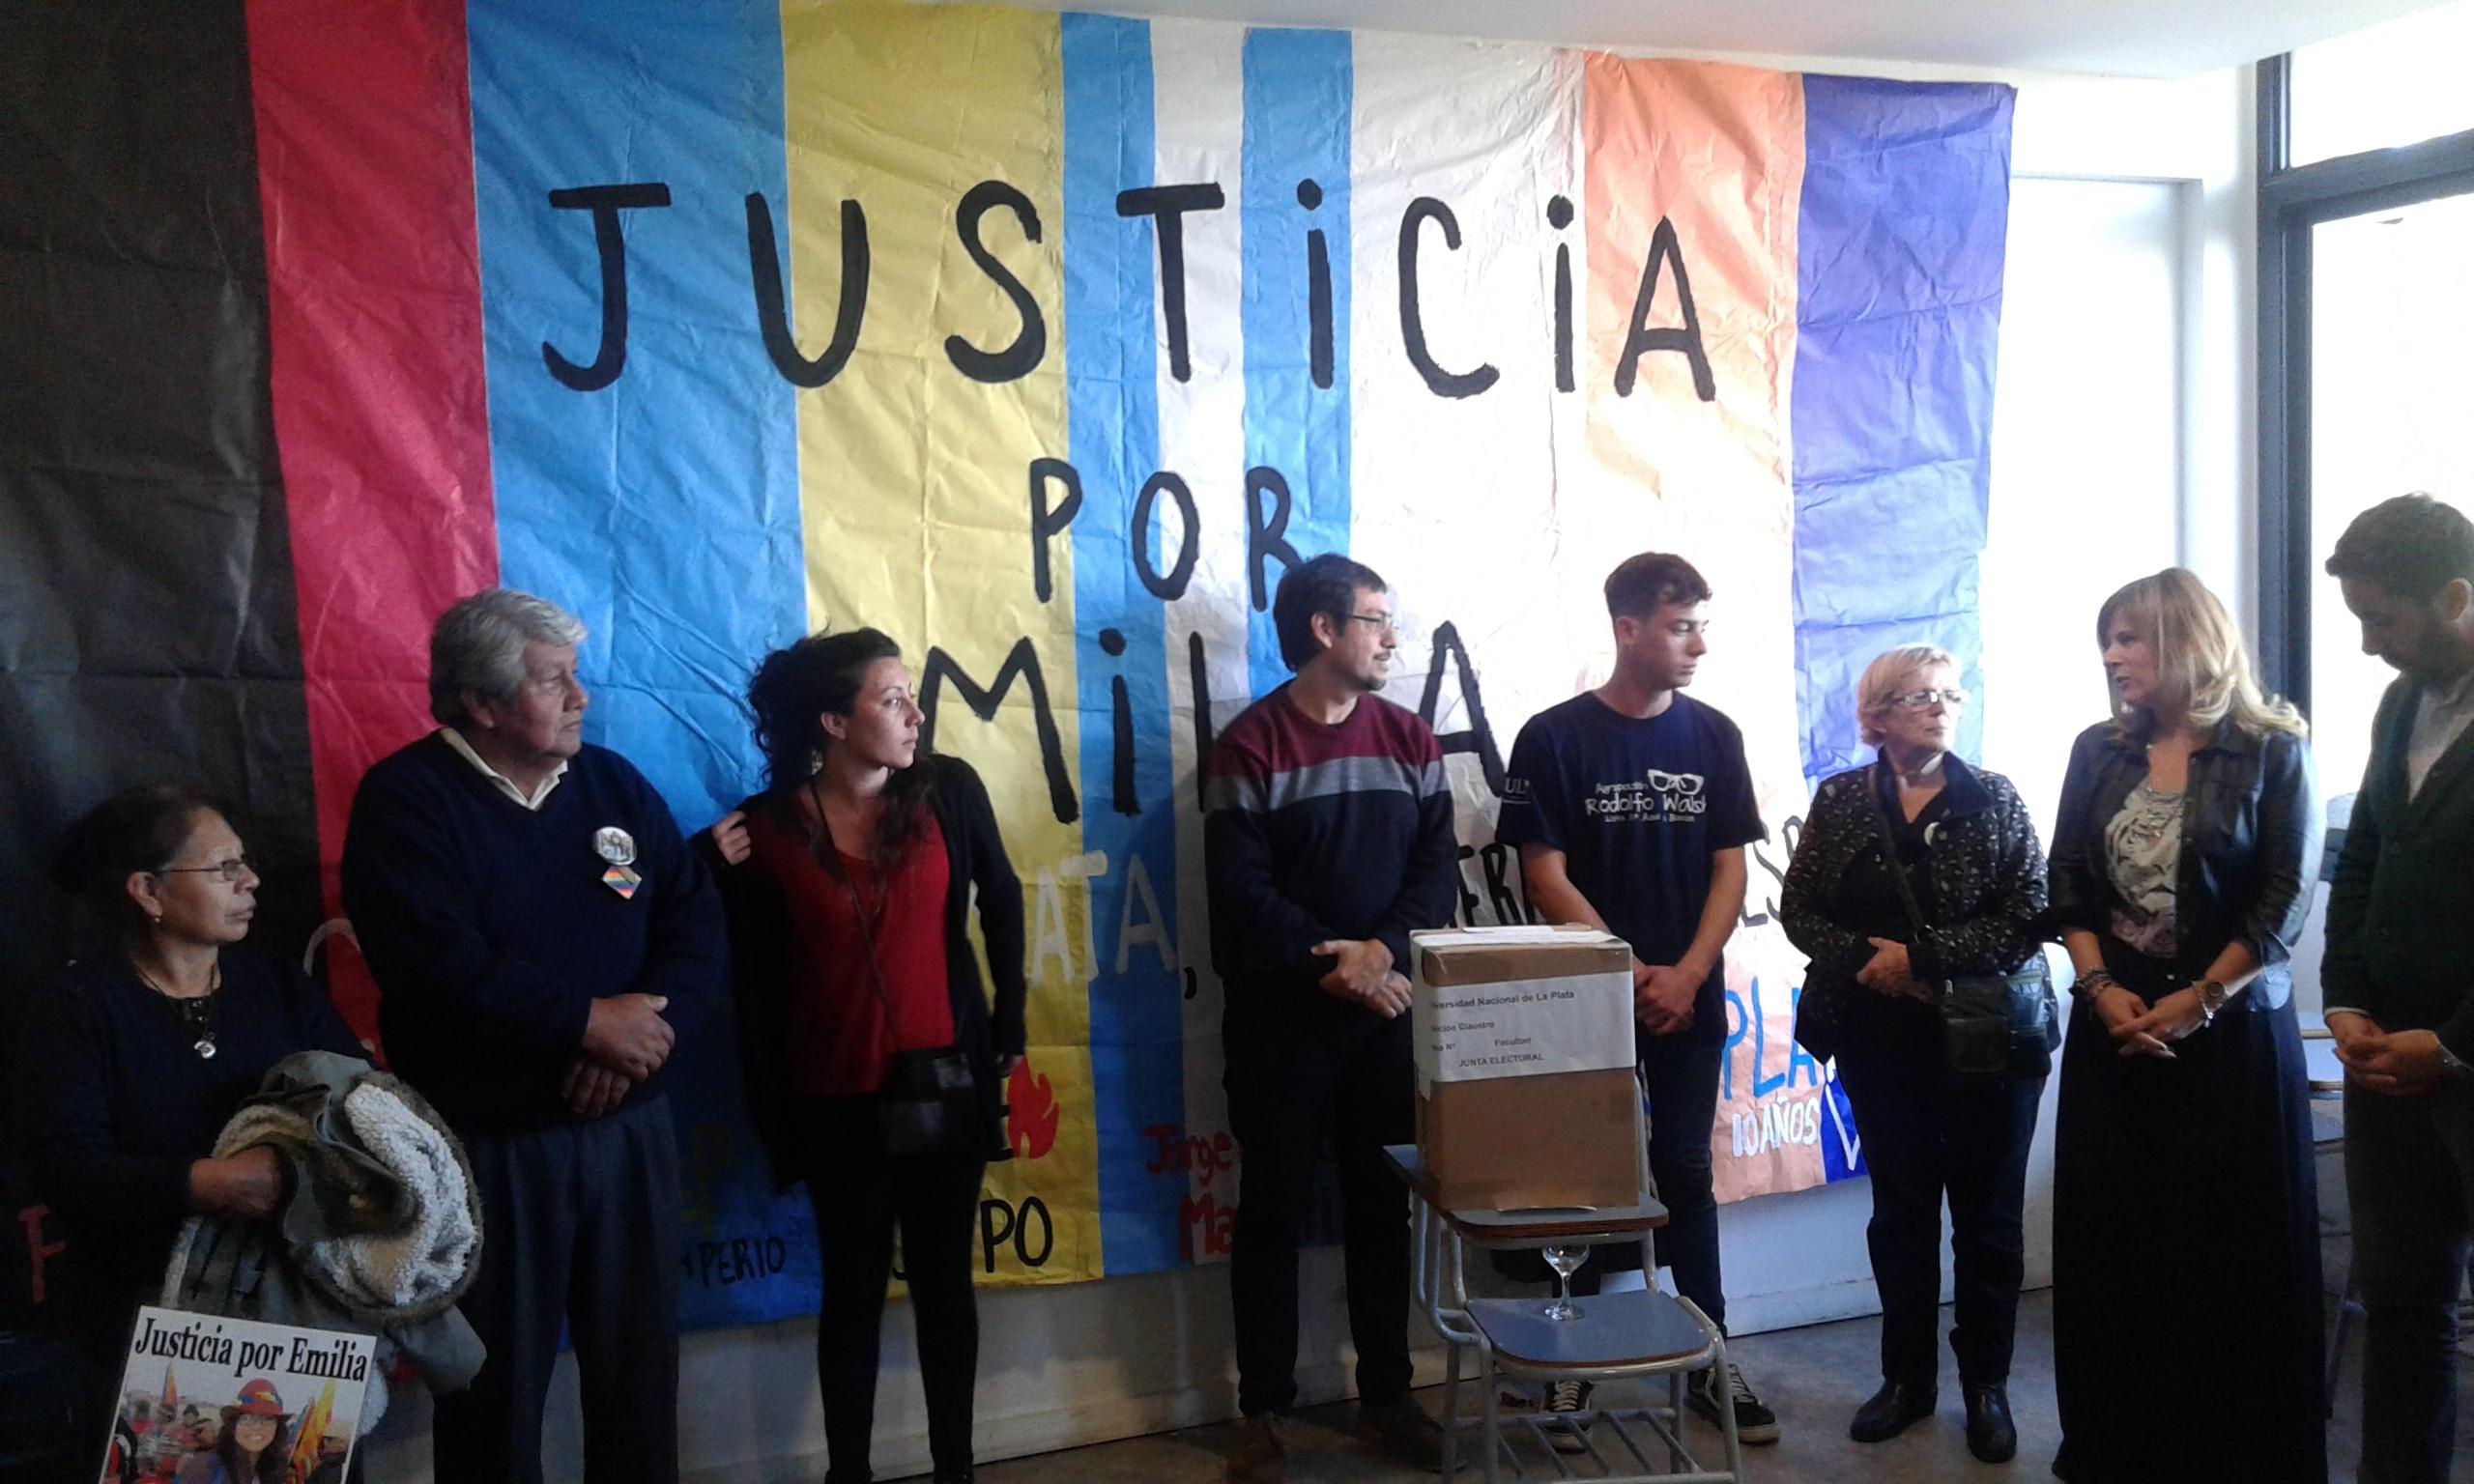 """Periodismo de la UNLP homenajeó a Emilia, """"compañera y militante del pueblo argentino"""""""